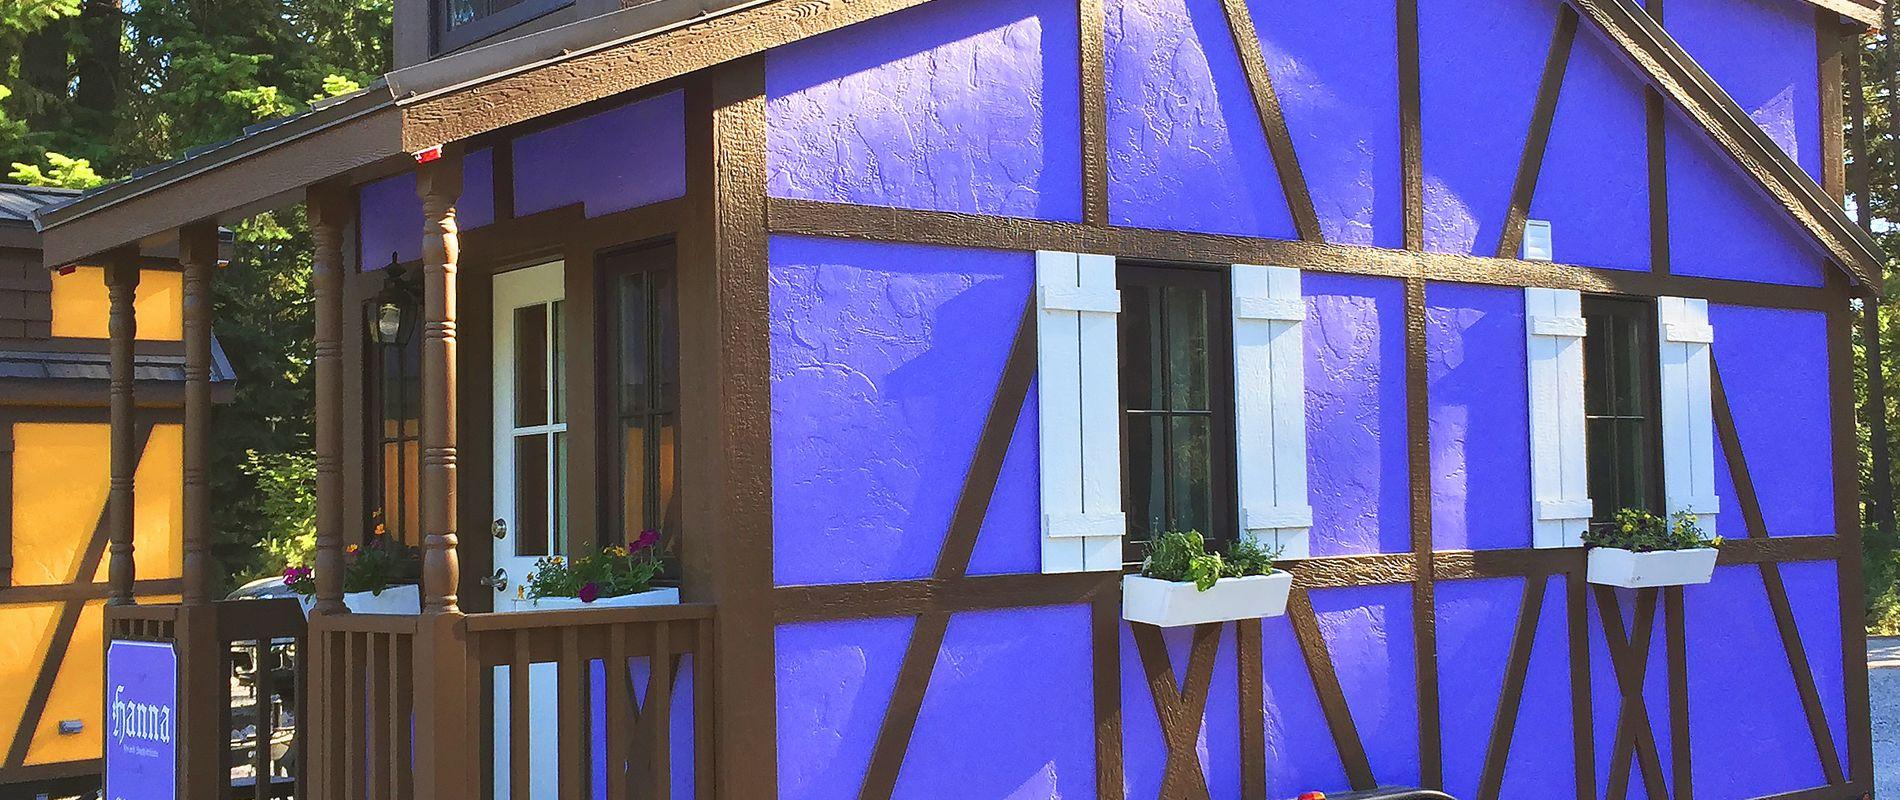 Hanna Tiny House